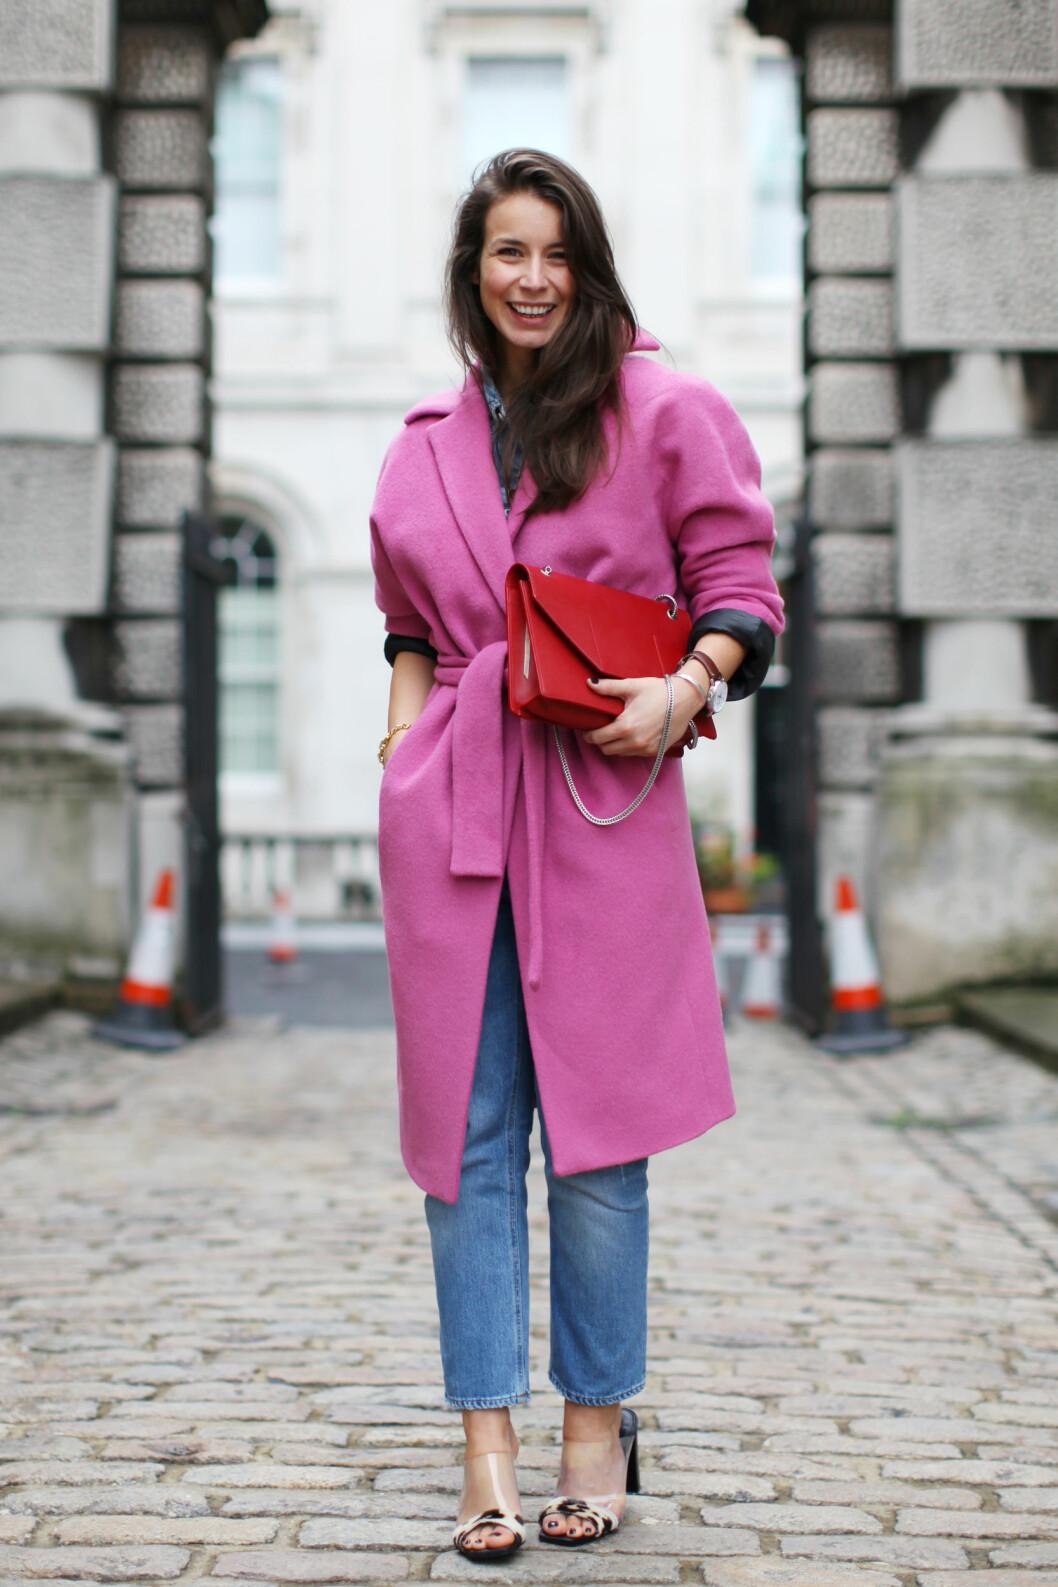 Den norske motebloggeren Irina Lakicevic stråler i rosa kåpe fra By Malene Birger og rød veske. Foto: All Over Press